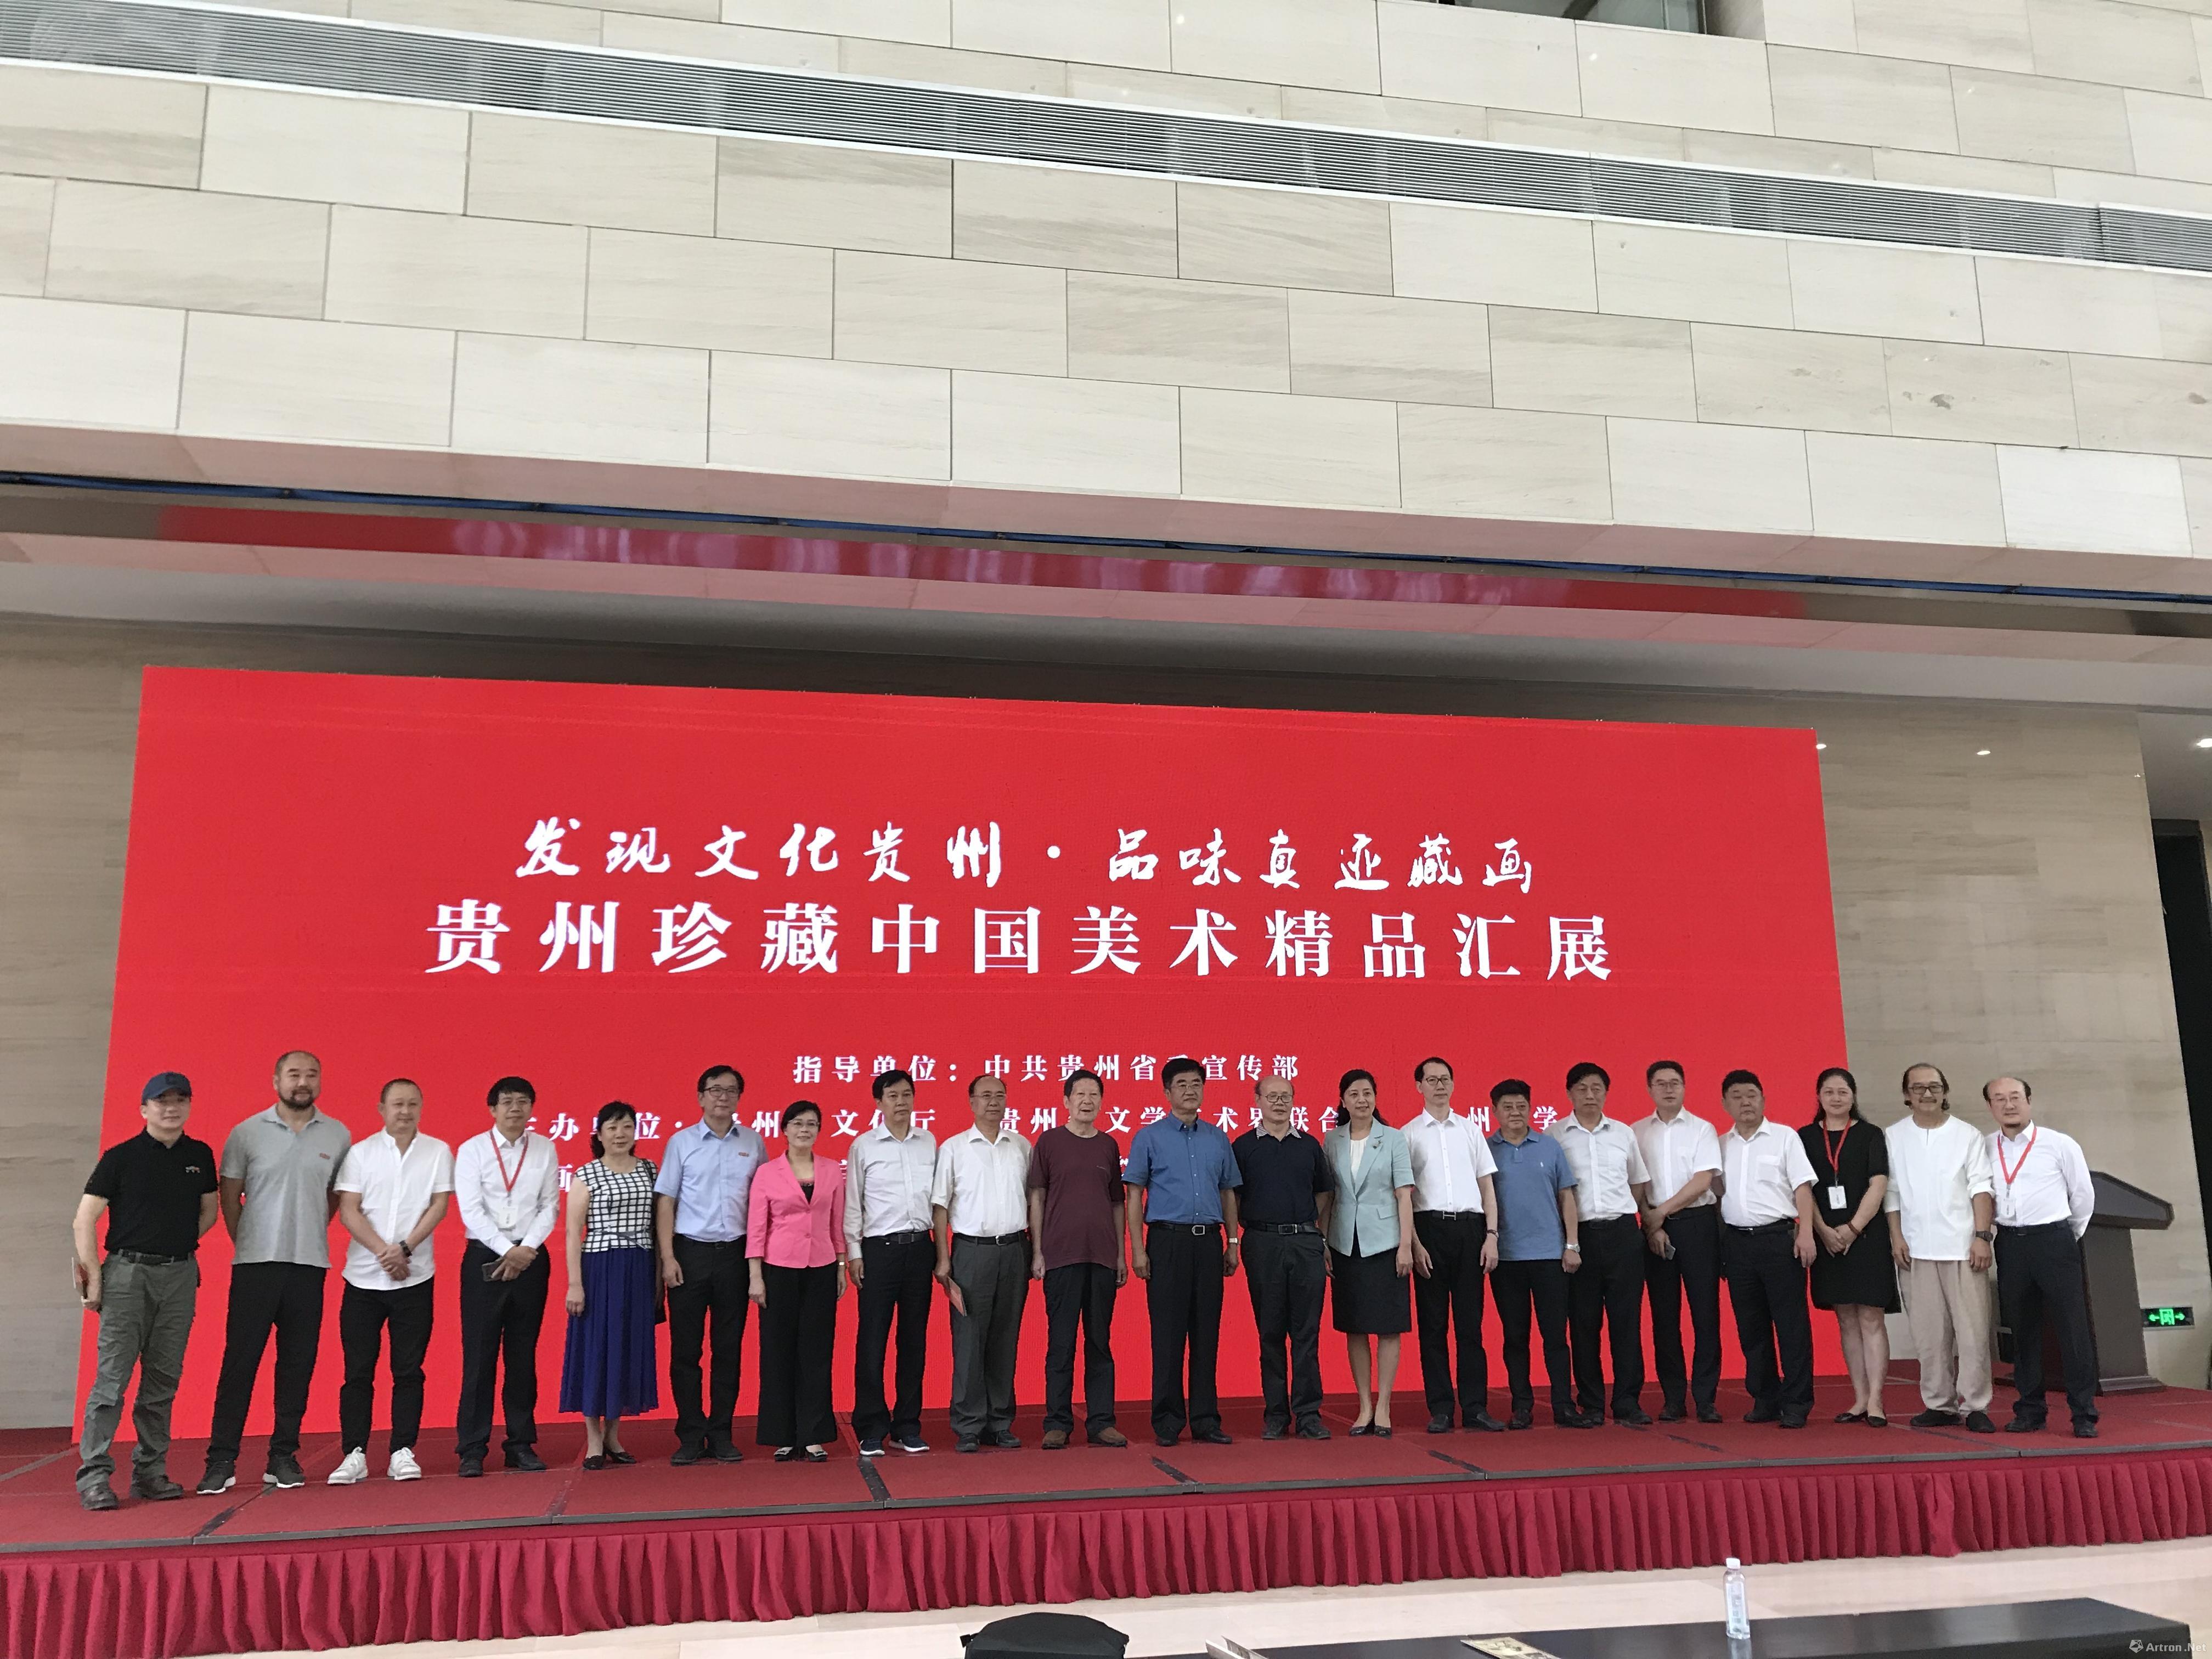 贵州珍藏中国美术精品汇展今日启幕